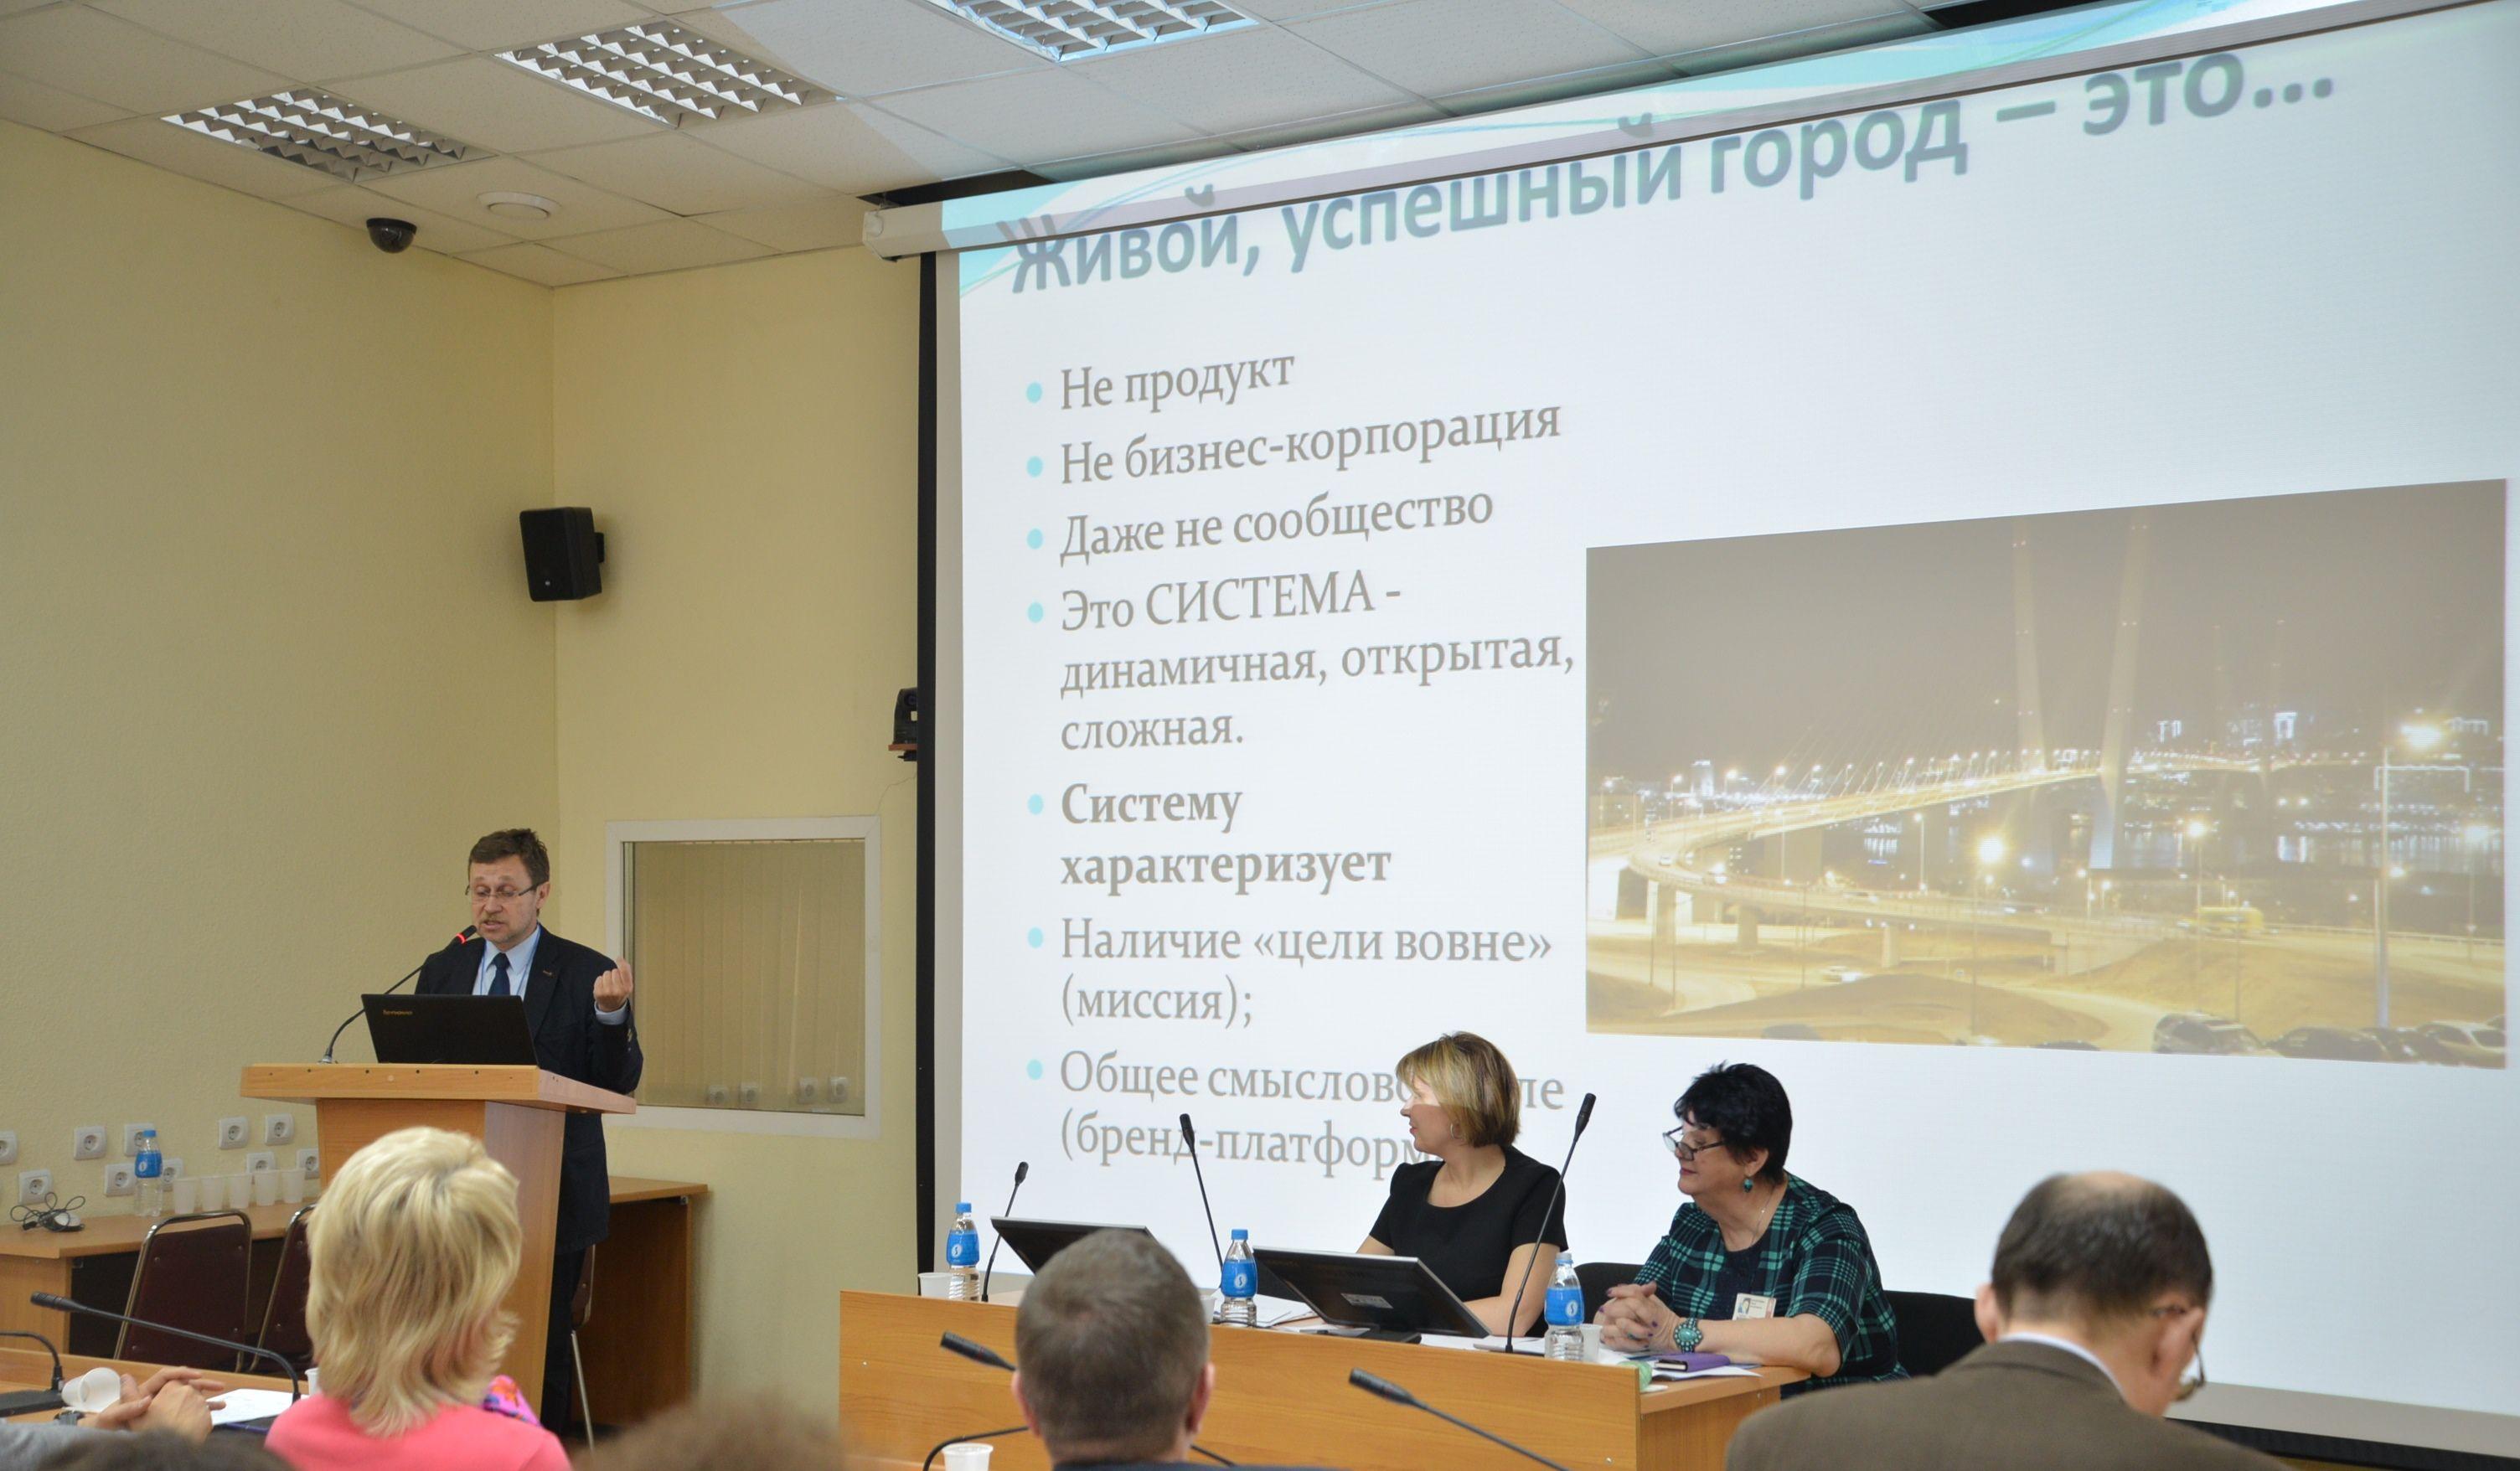 Ученые и практики обсудили во ВГУЭС опыт и технологии формирования имиджа Владивостока и региона в целом